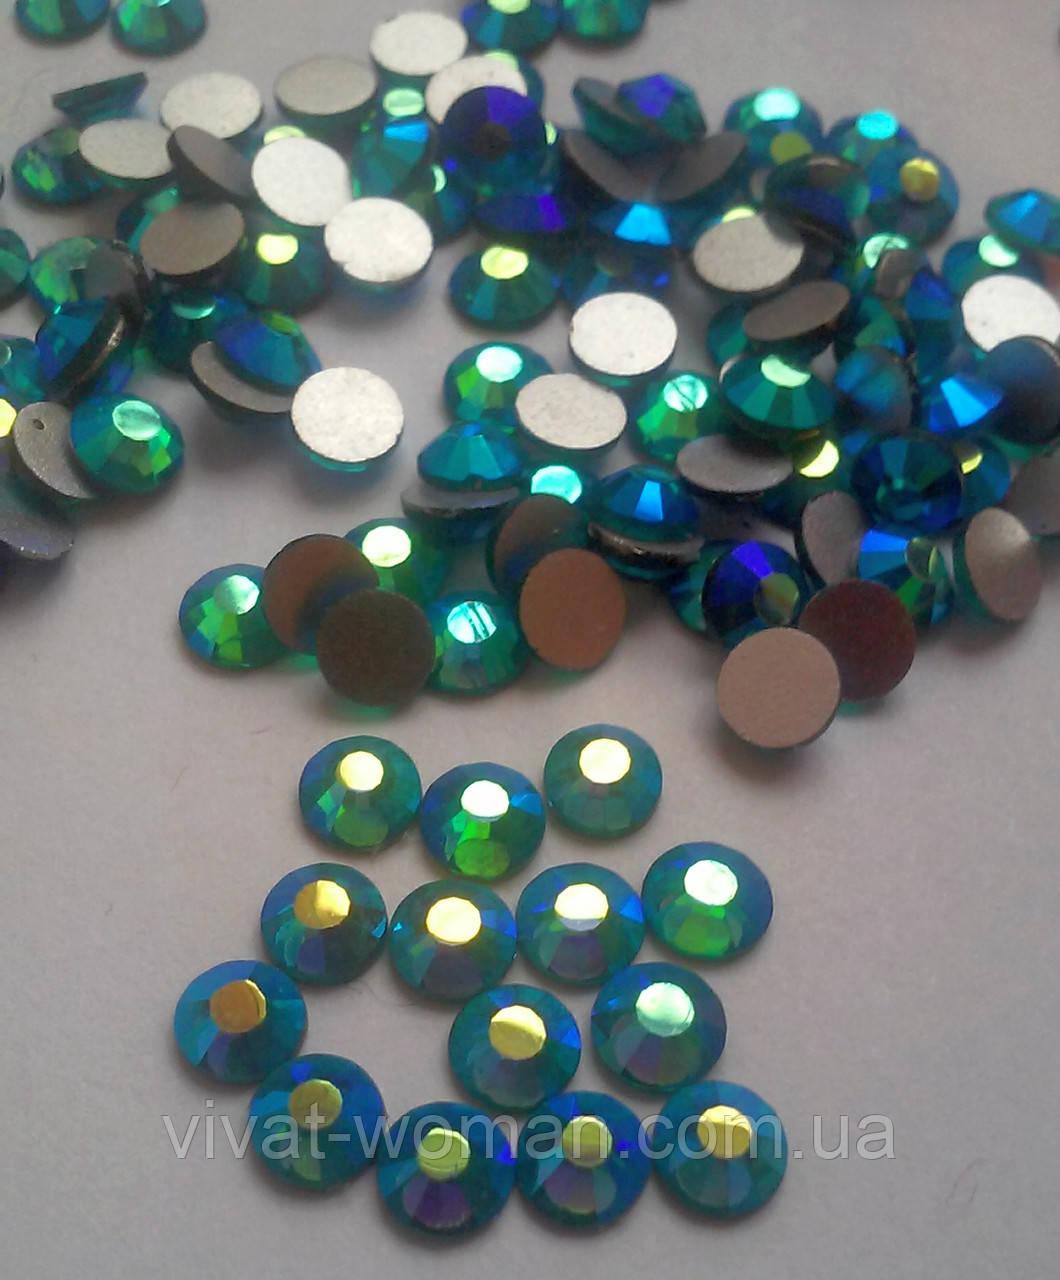 Стразы Blue Zircon AB (сине-зеленый) SS16 холодной фиксации. Цена за 144 шт